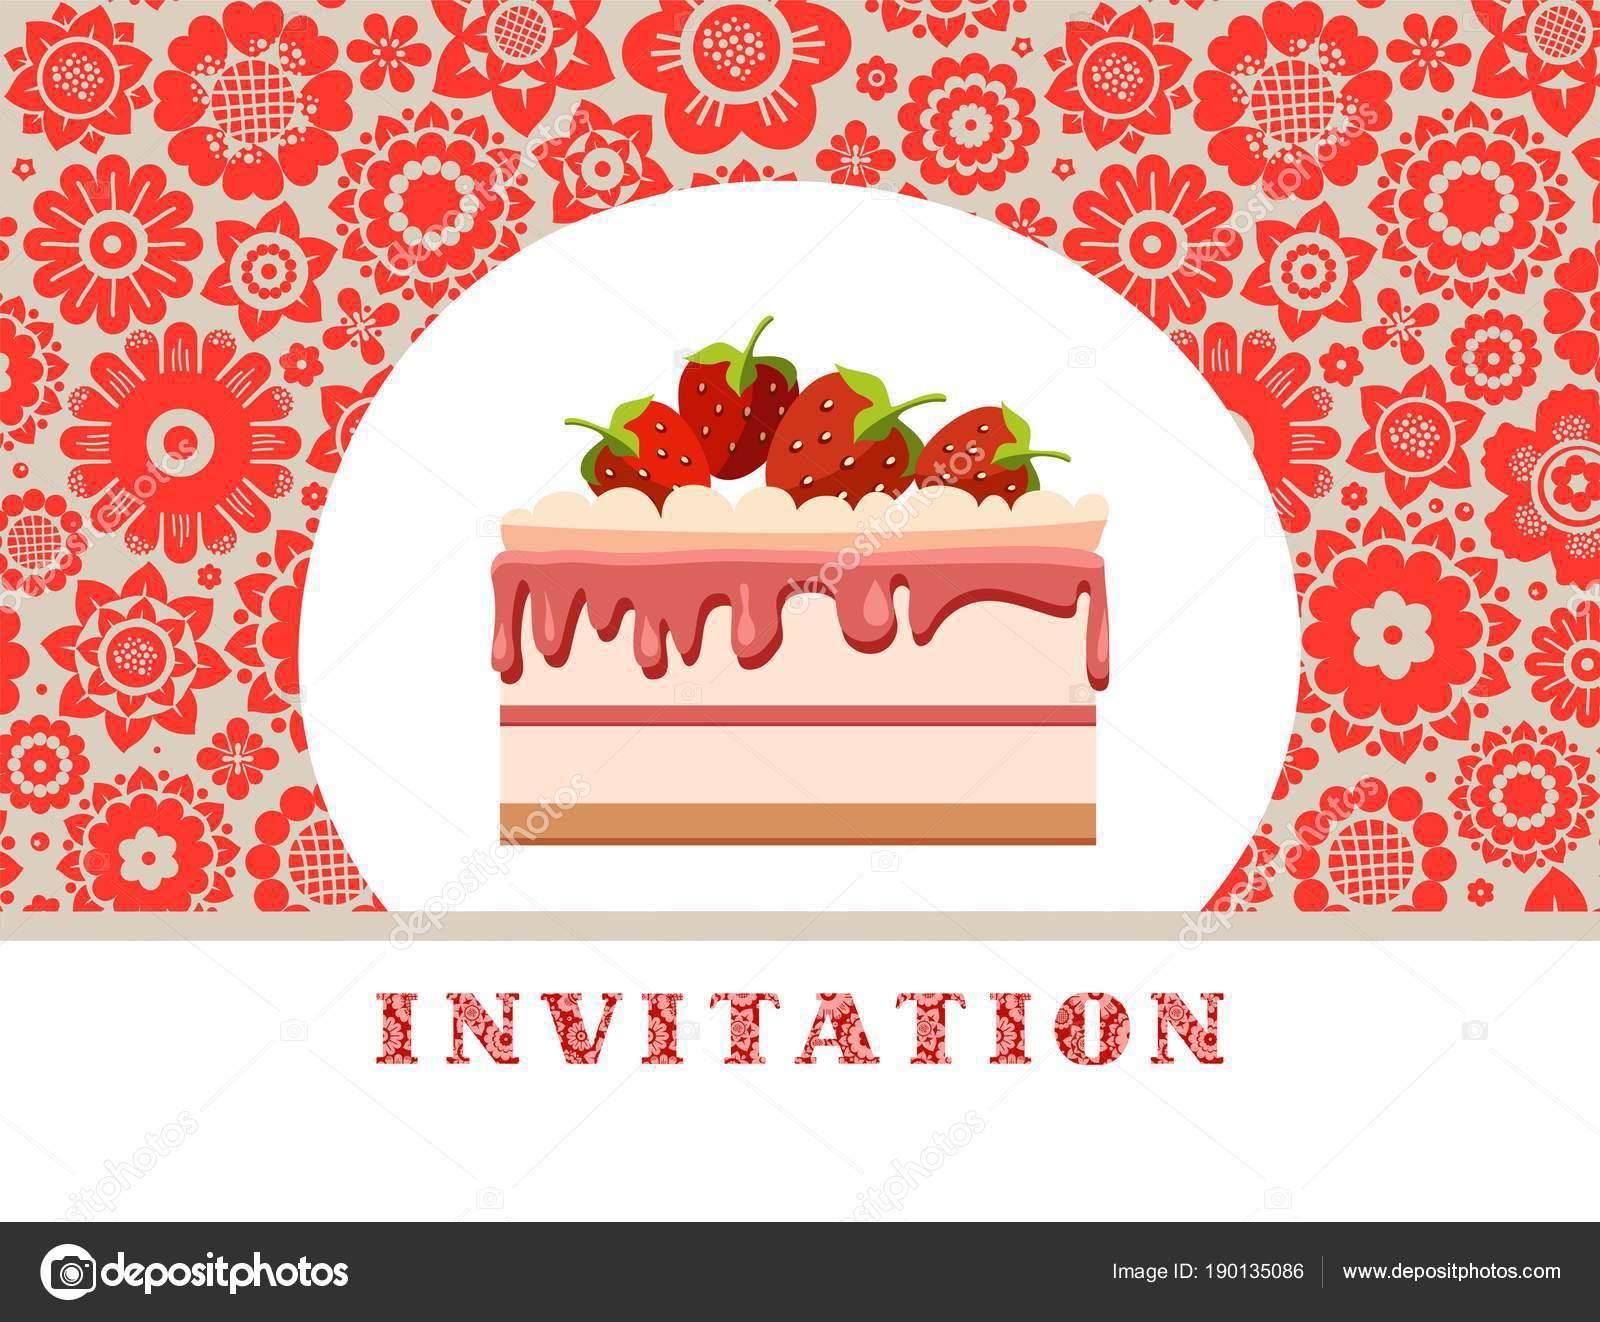 Einladung Erdbeerkuchen Grau Rot Floralen Hintergrund Vektor  Geburtstagseinladung Hochzeit Ein U2014 Stockvektor